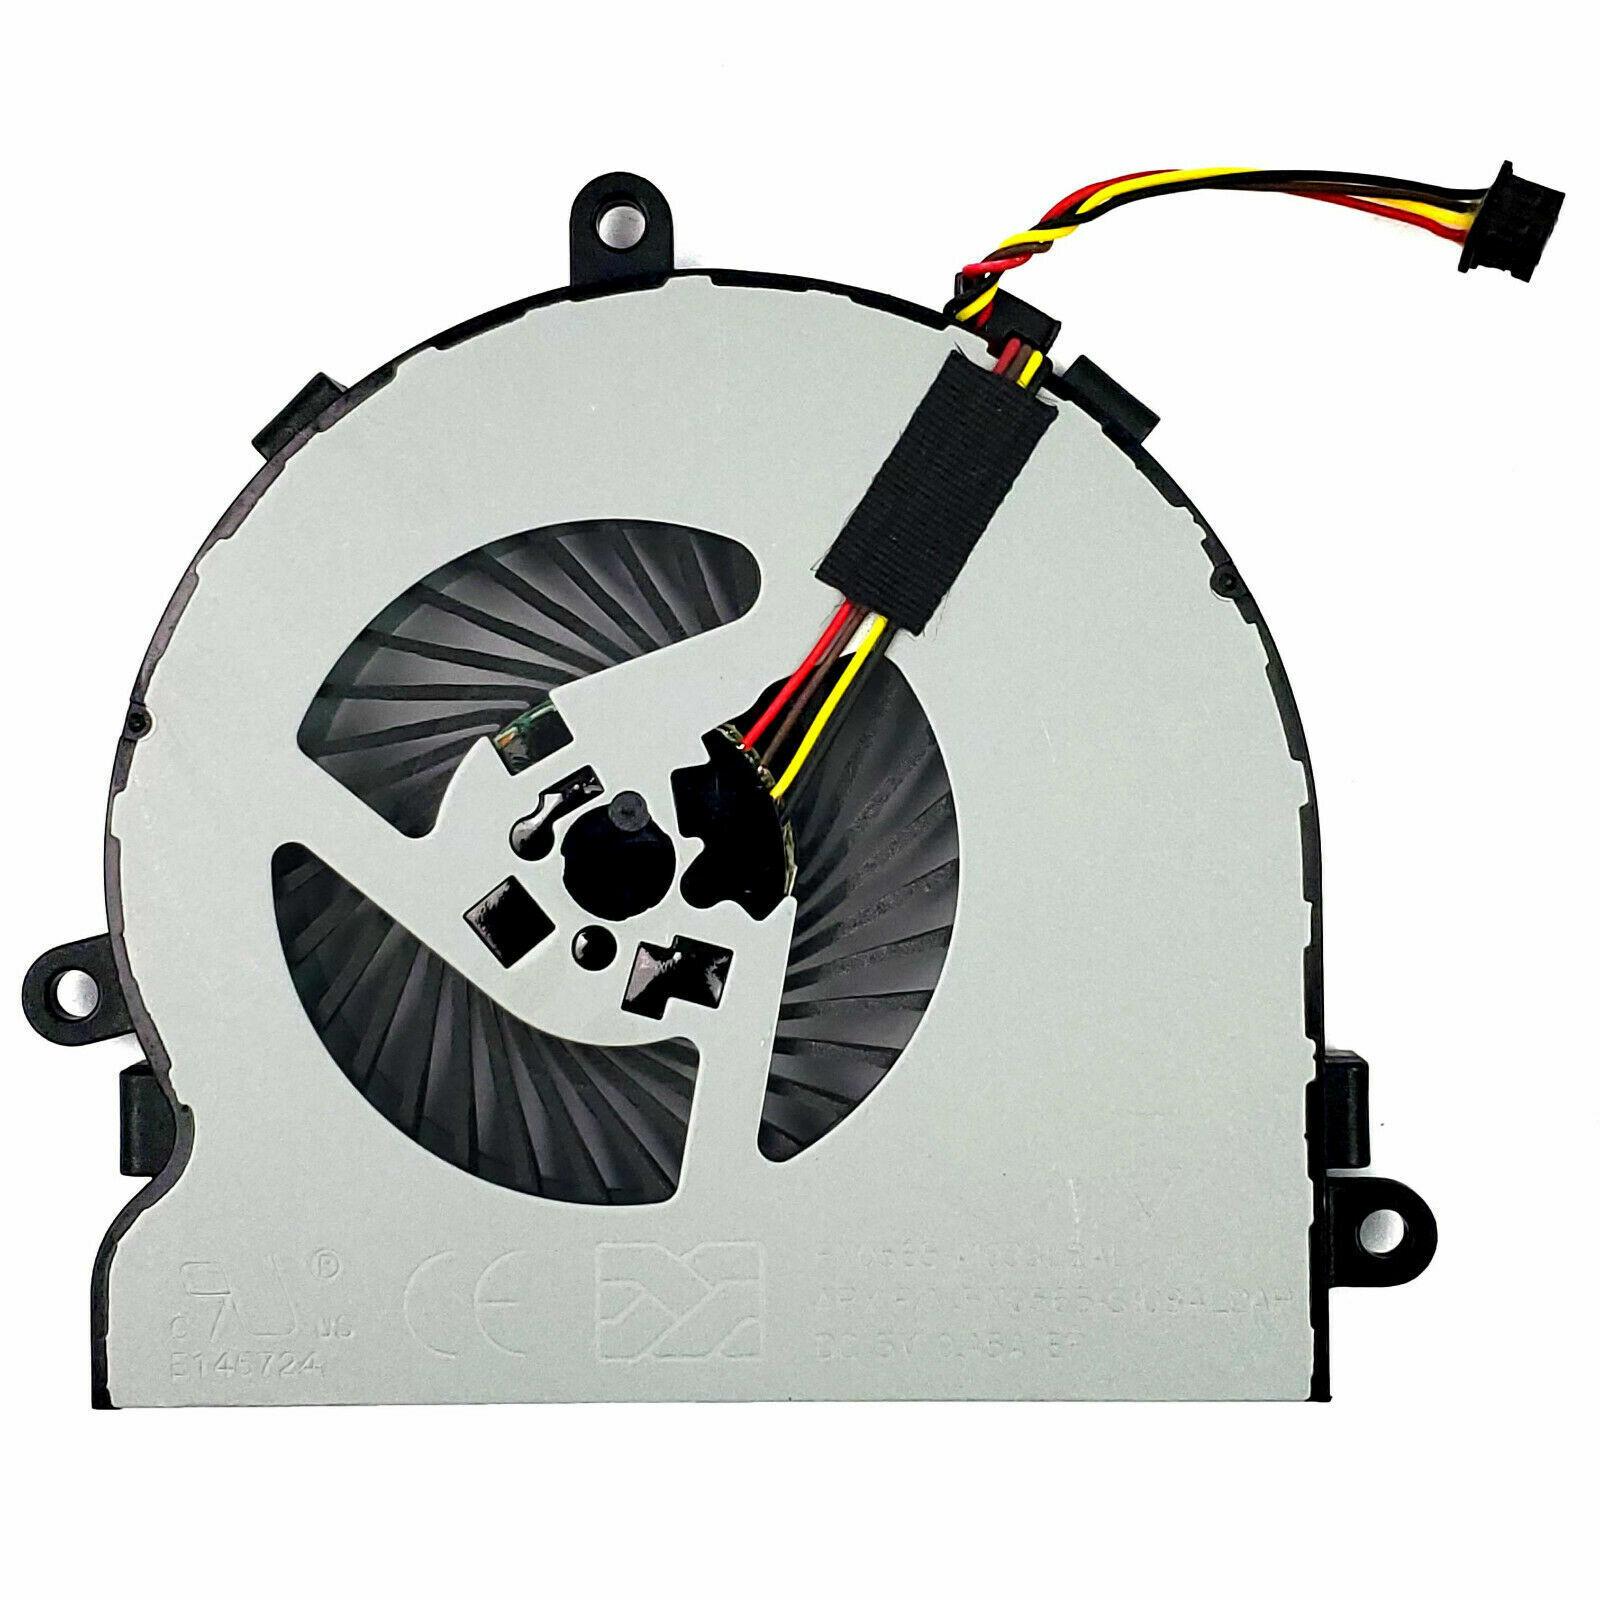 For HP 15-af000 15-af100 Laptop SPS-813946-001 CPU Cooling Fan